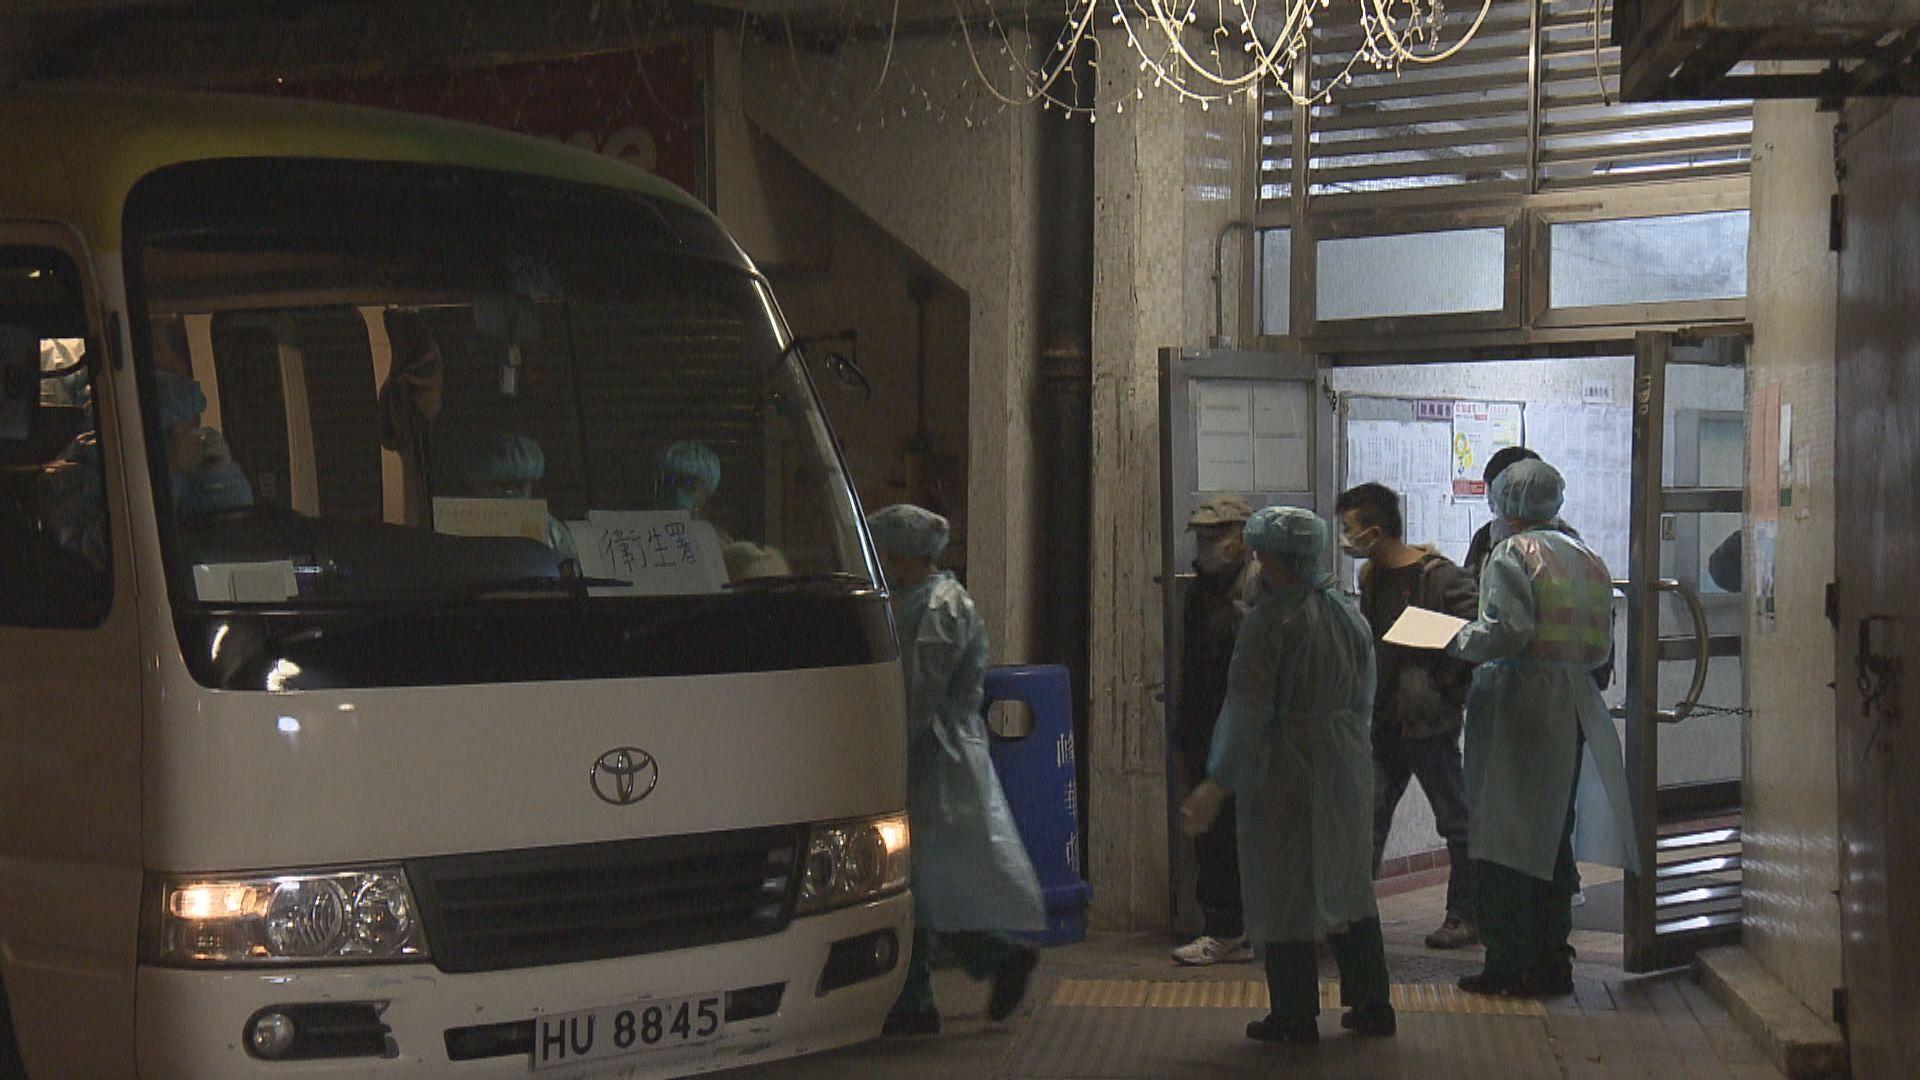 柴灣峰華邨第二日撤離居民 全幢大廈13室居民須撤離